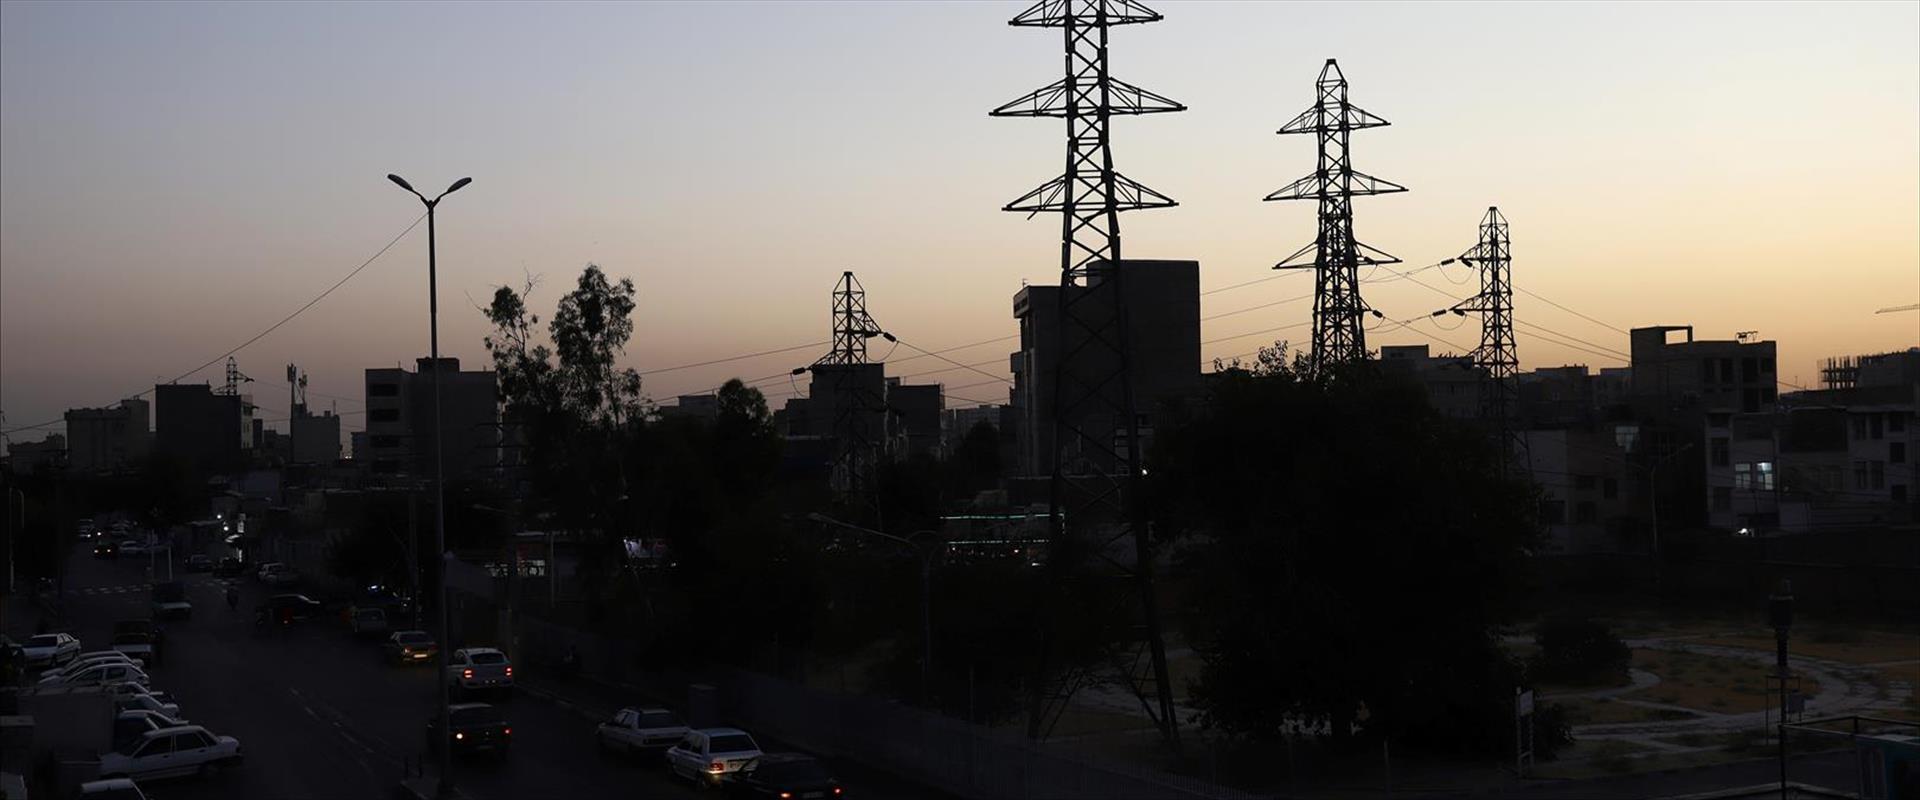 הפסקת חשמל בטהראן בעקבות מתקפת סייבר